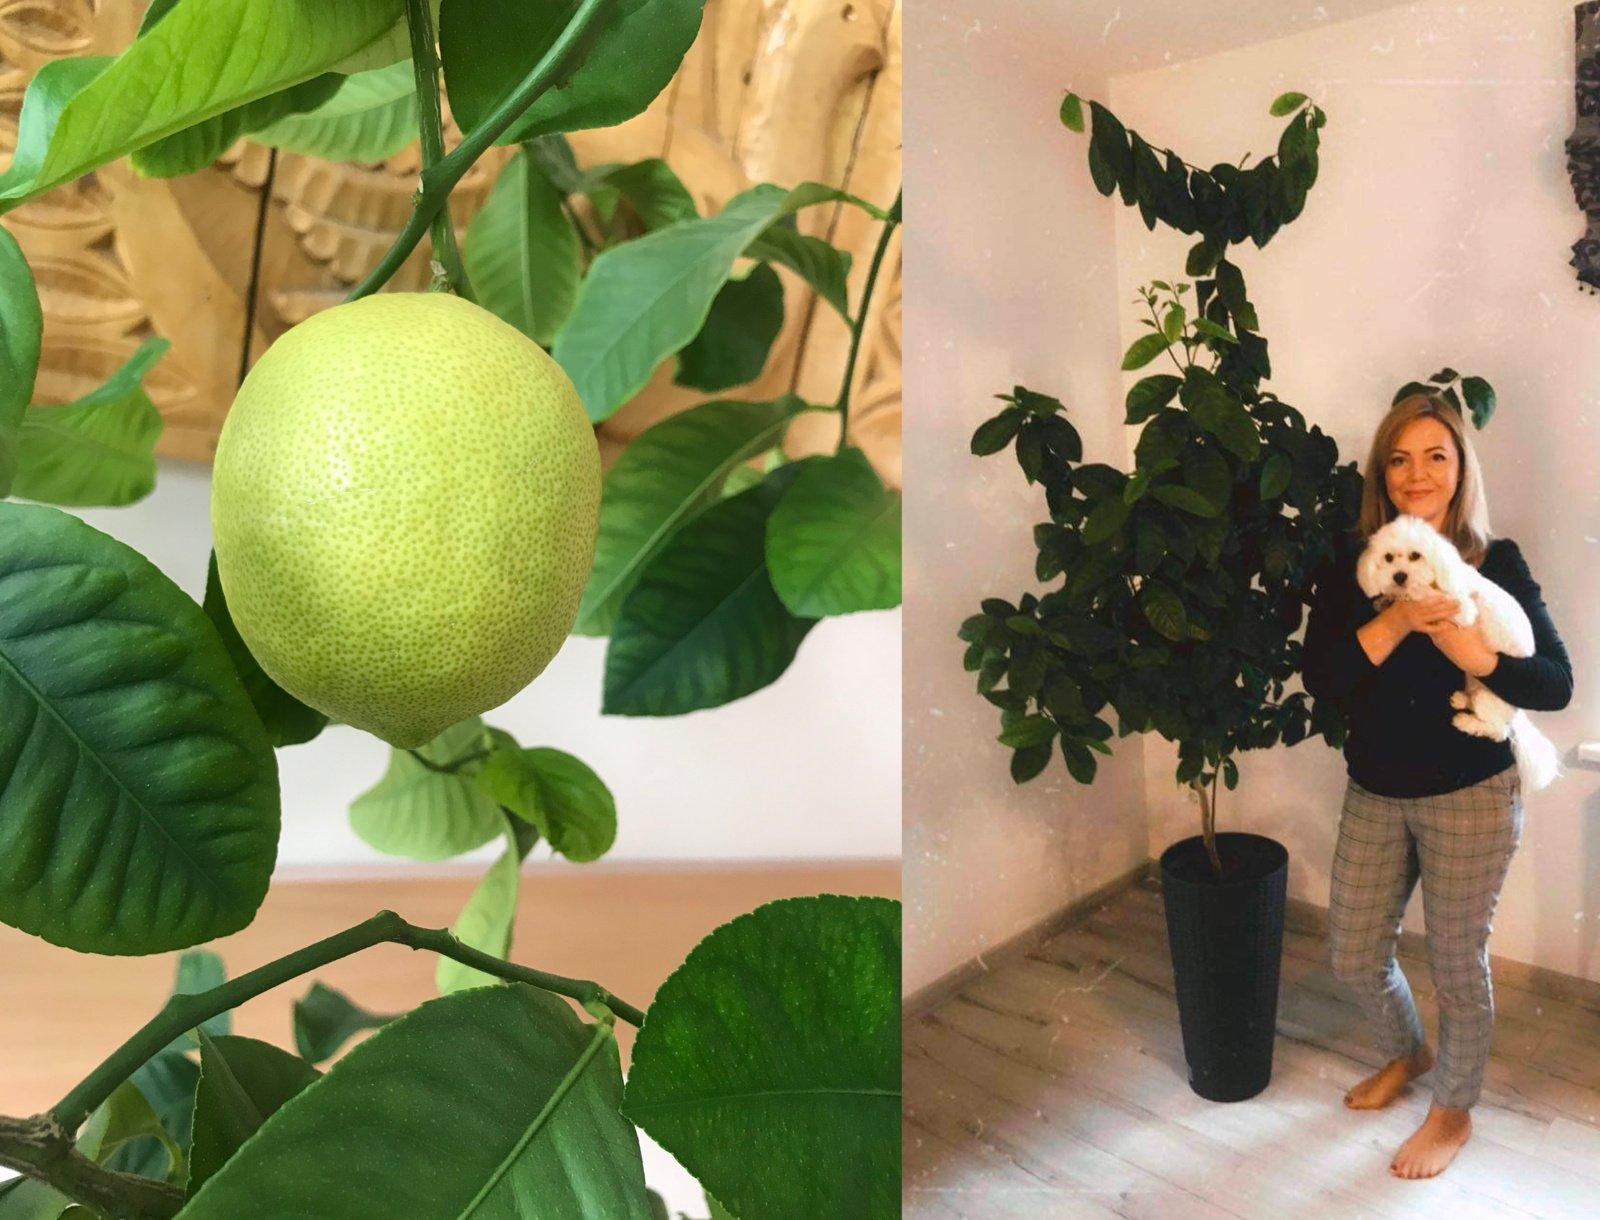 Joniškio gydymo įstaigoje užderėjo citrinų